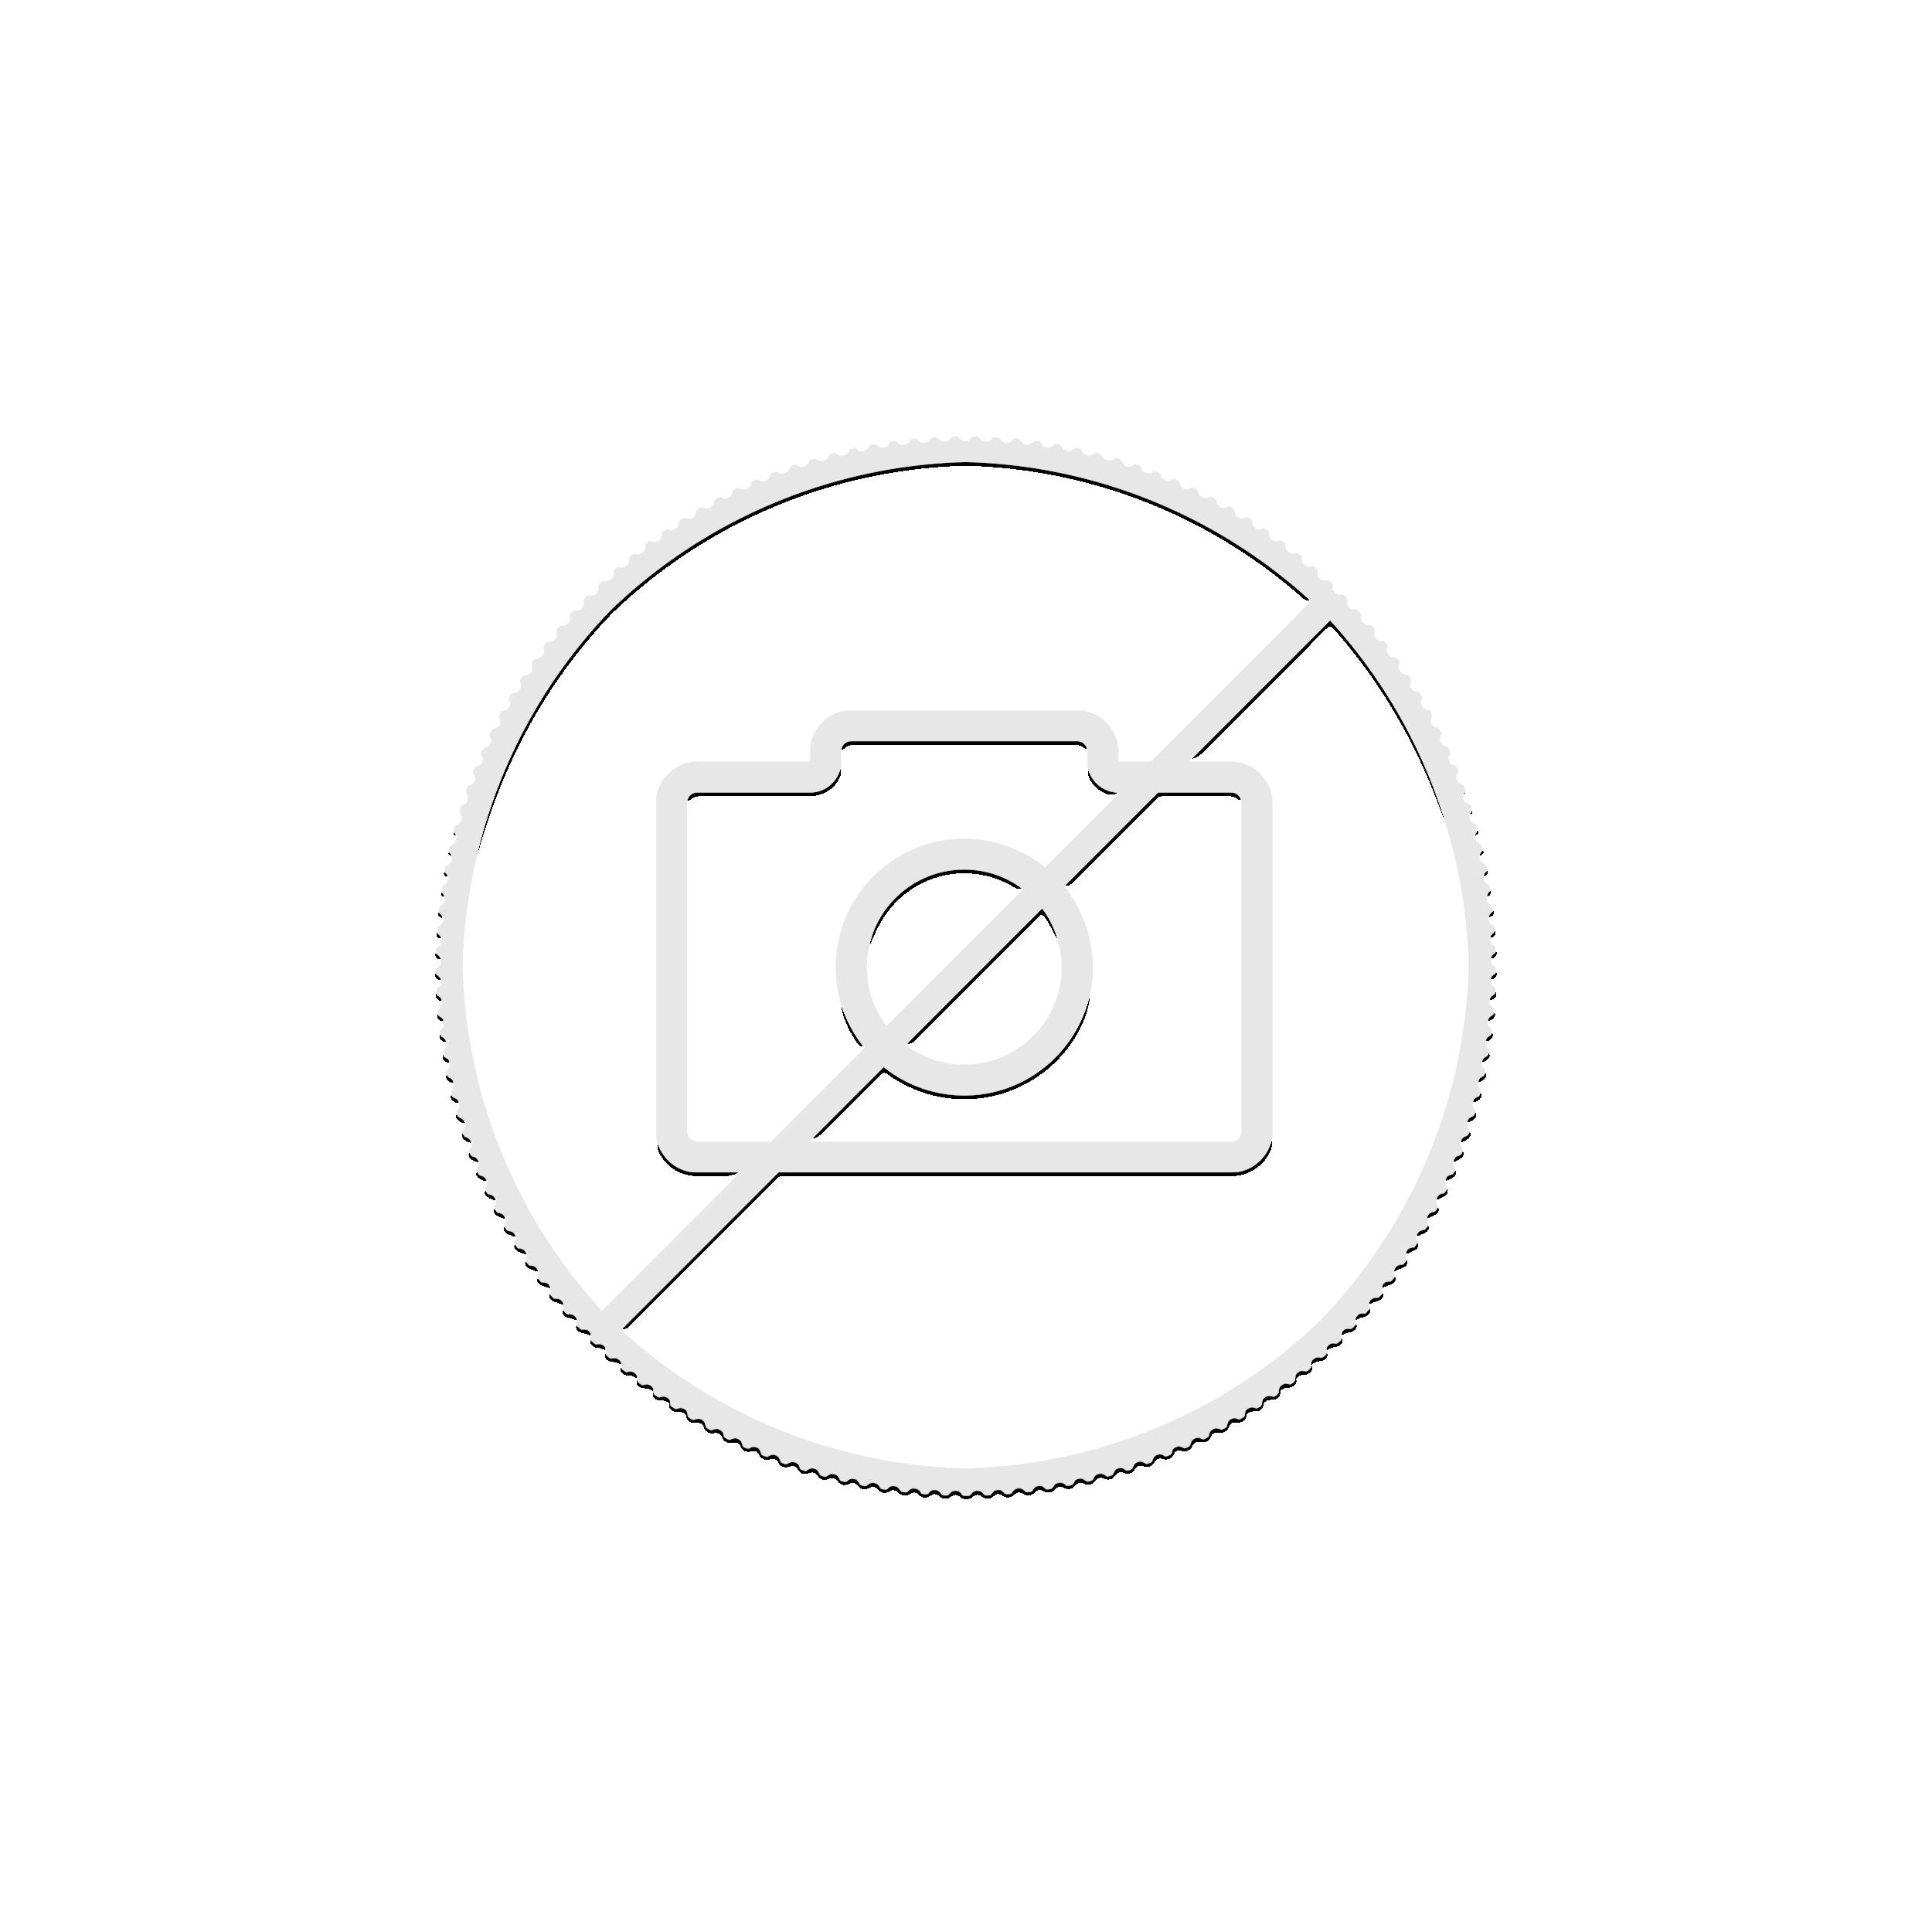 1 troy ounce gold coin Lunar RAM serie Ox 2021